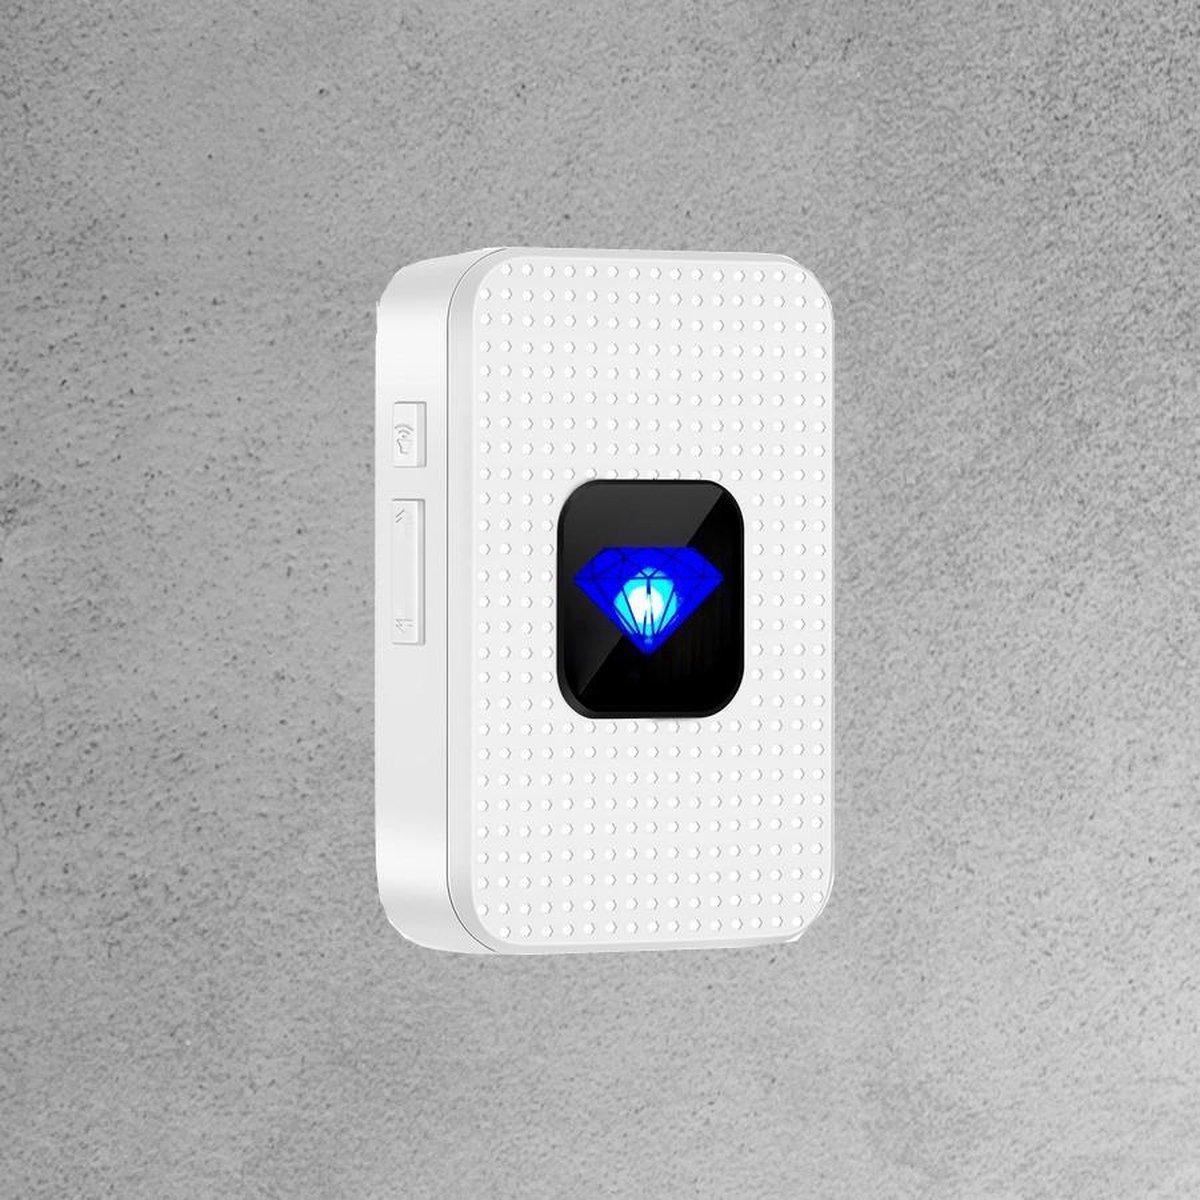 Doorguard draadloze gong - Smart Home Beveiliging - 64 melodieën - Werkt op Doorguard slimme deurbel -